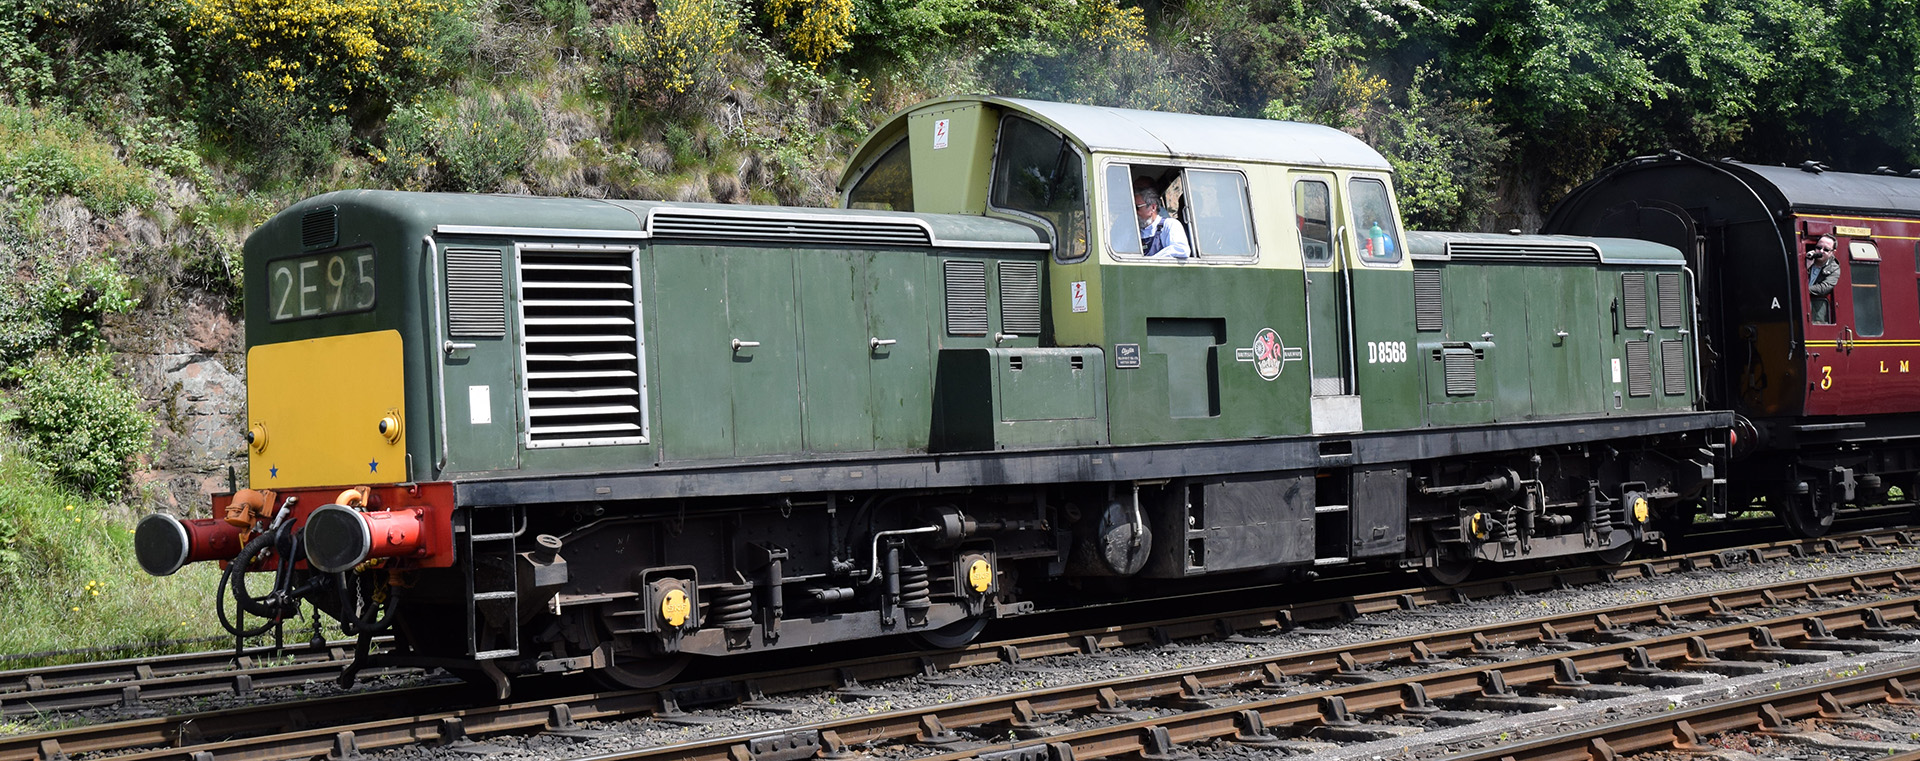 D8568 near Bewdley in May 2017. ©Hugh Llewelyn